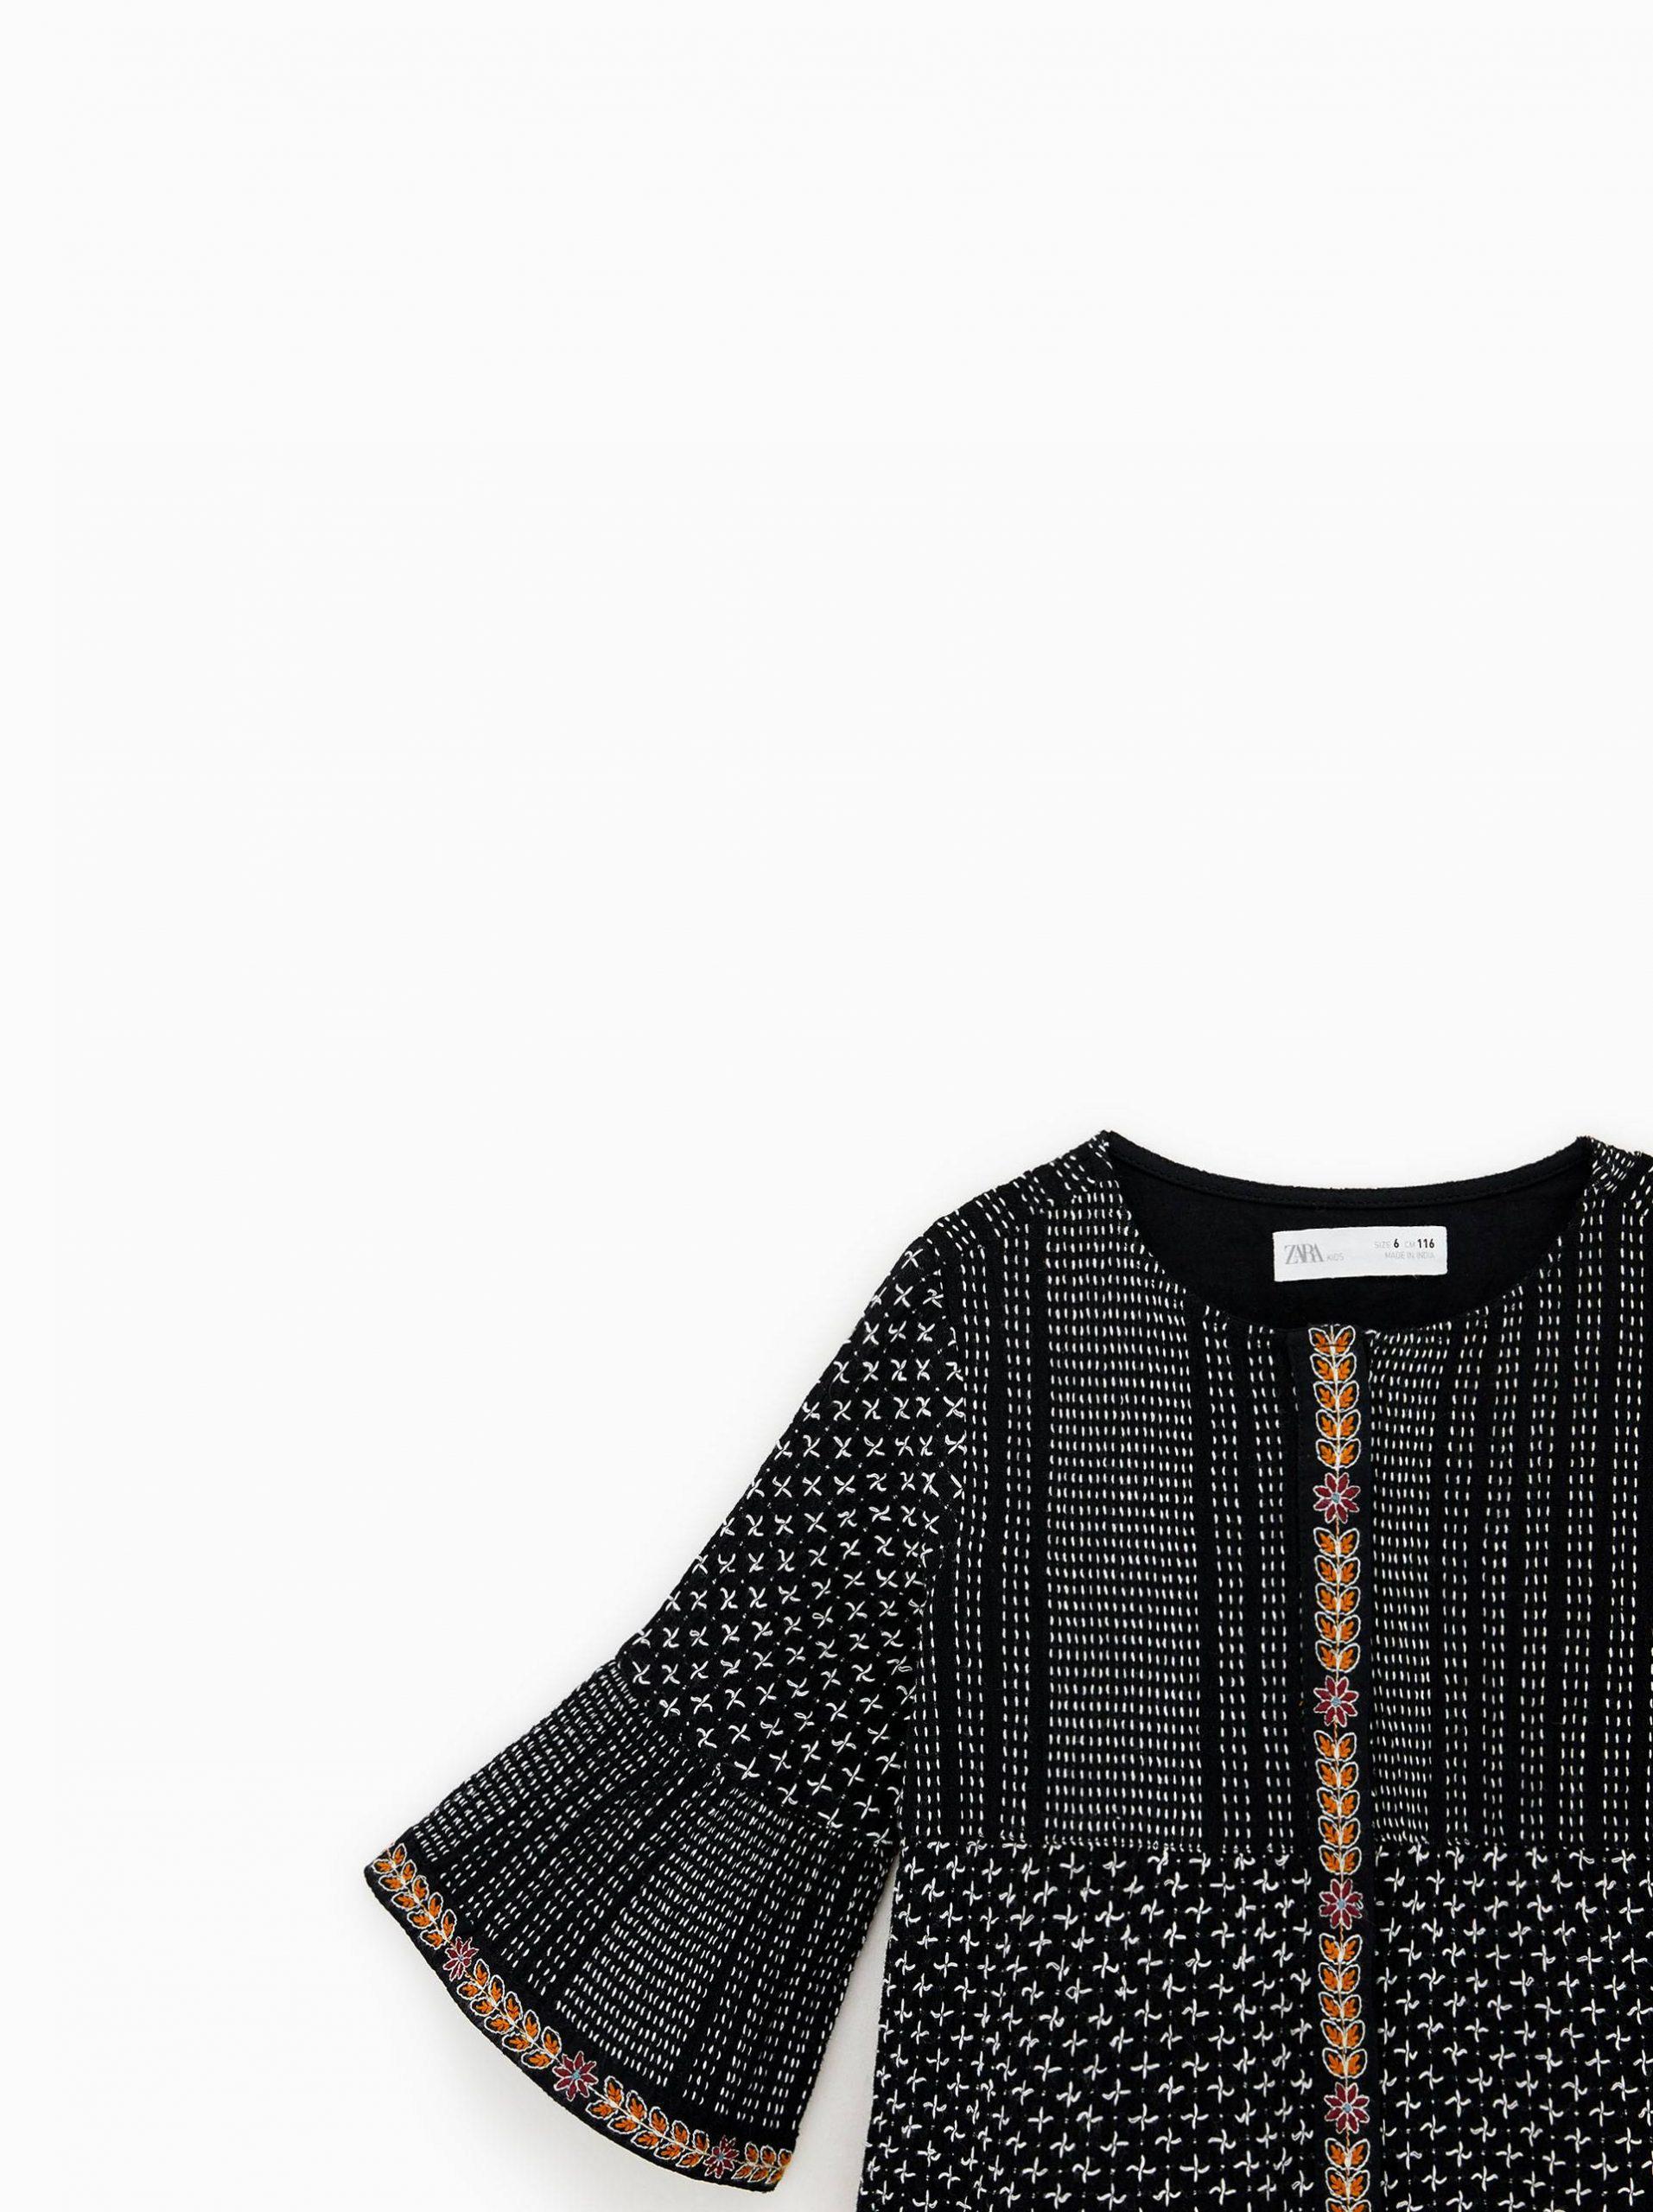 20 Schön Abend Dress Zara BoutiqueFormal Cool Abend Dress Zara für 2019